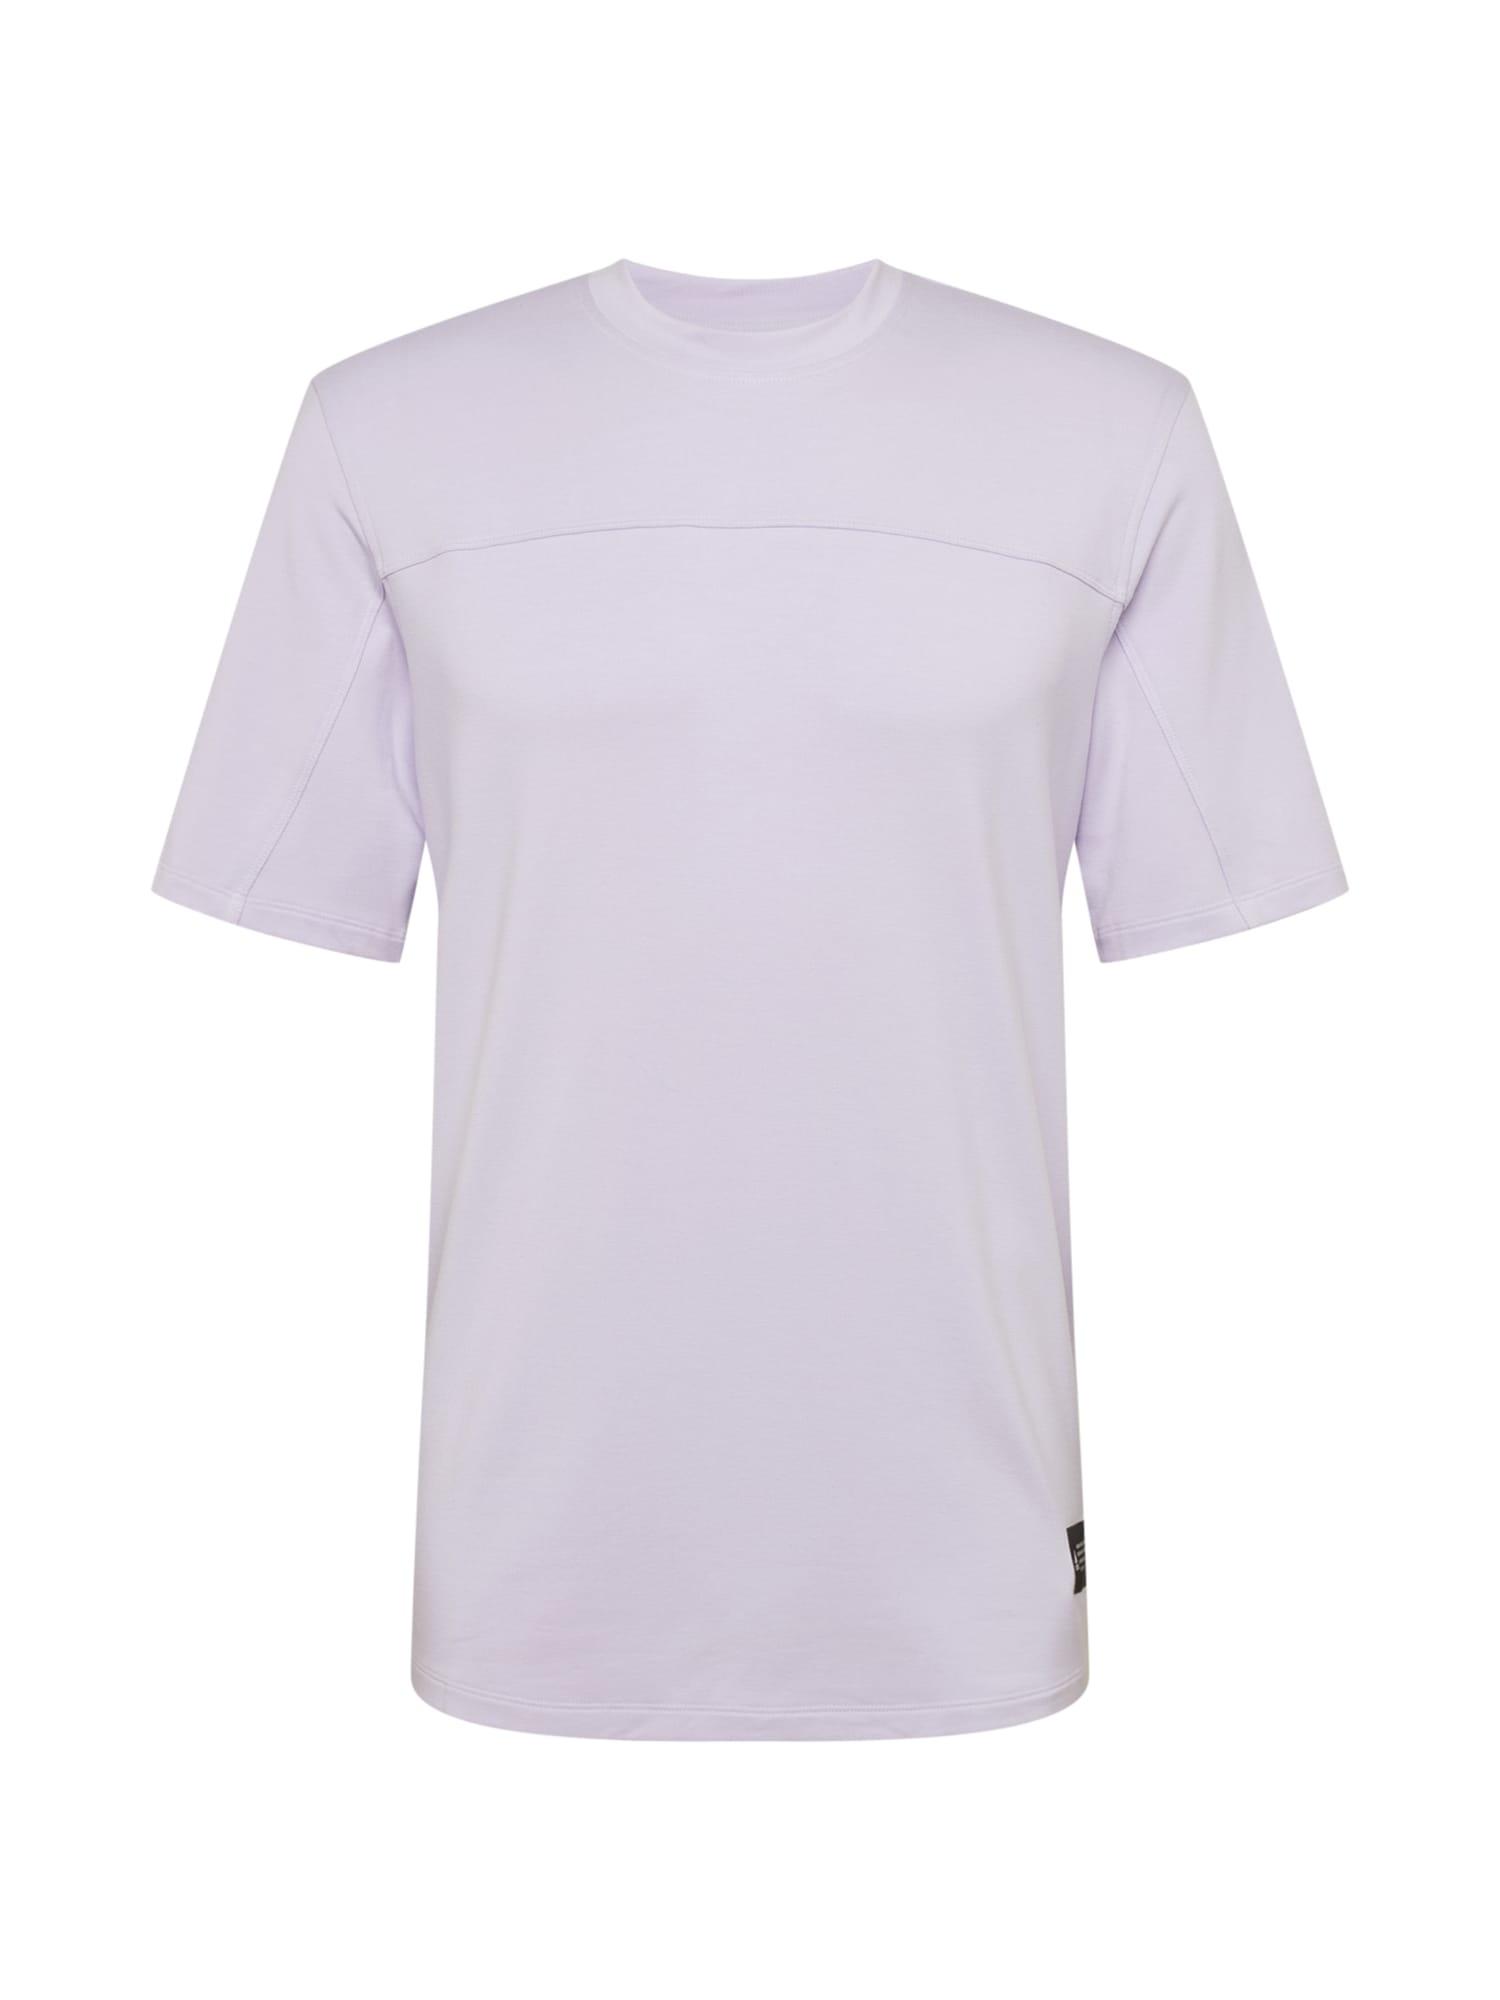 ADIDAS PERFORMANCE Sportiniai marškinėliai 'TKO' alyvinė spalva